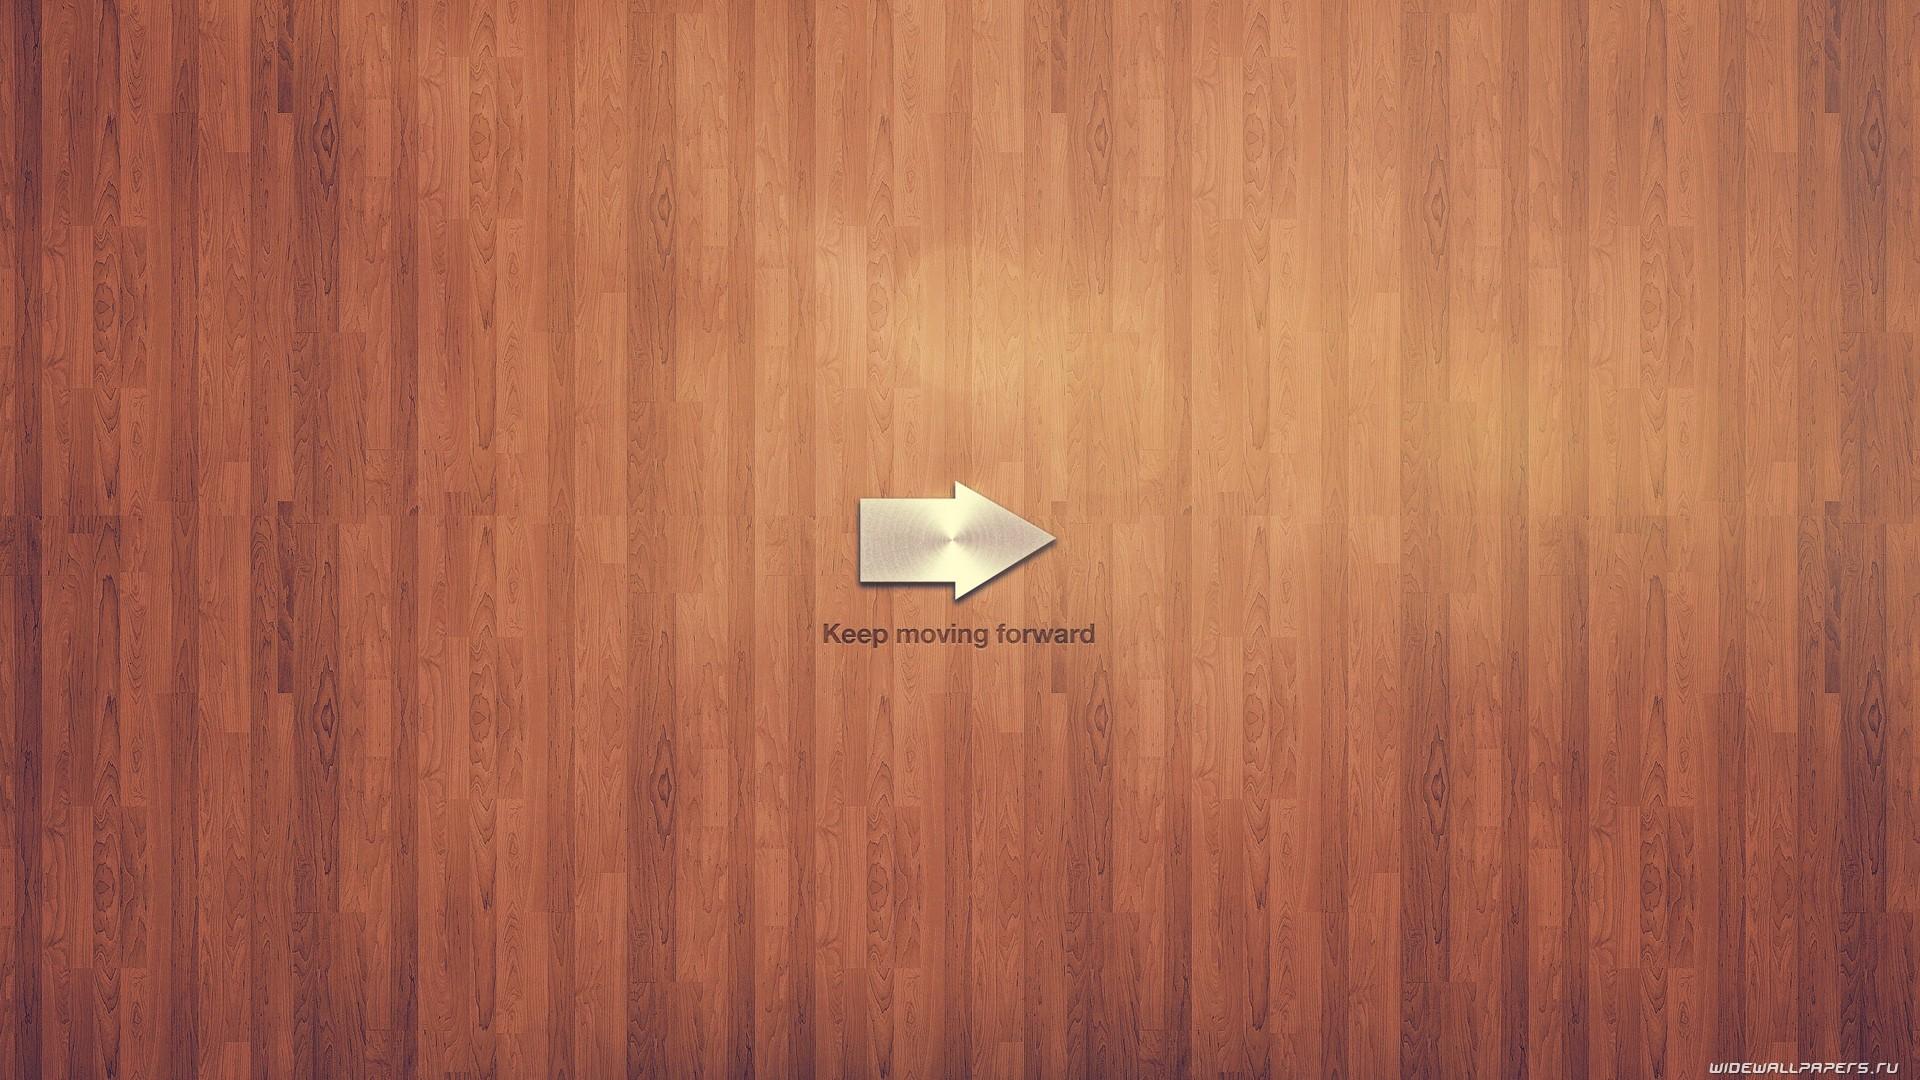 デスクトップ壁紙 ミニマリズム 壁 タイポグラフィ 木材 テクスチャ ドア 天井 広葉樹 合板 床材 木製フローリング 木目 ラミネートフローリング 19x1080 Raidyhd デスクトップ壁紙 Wallhere